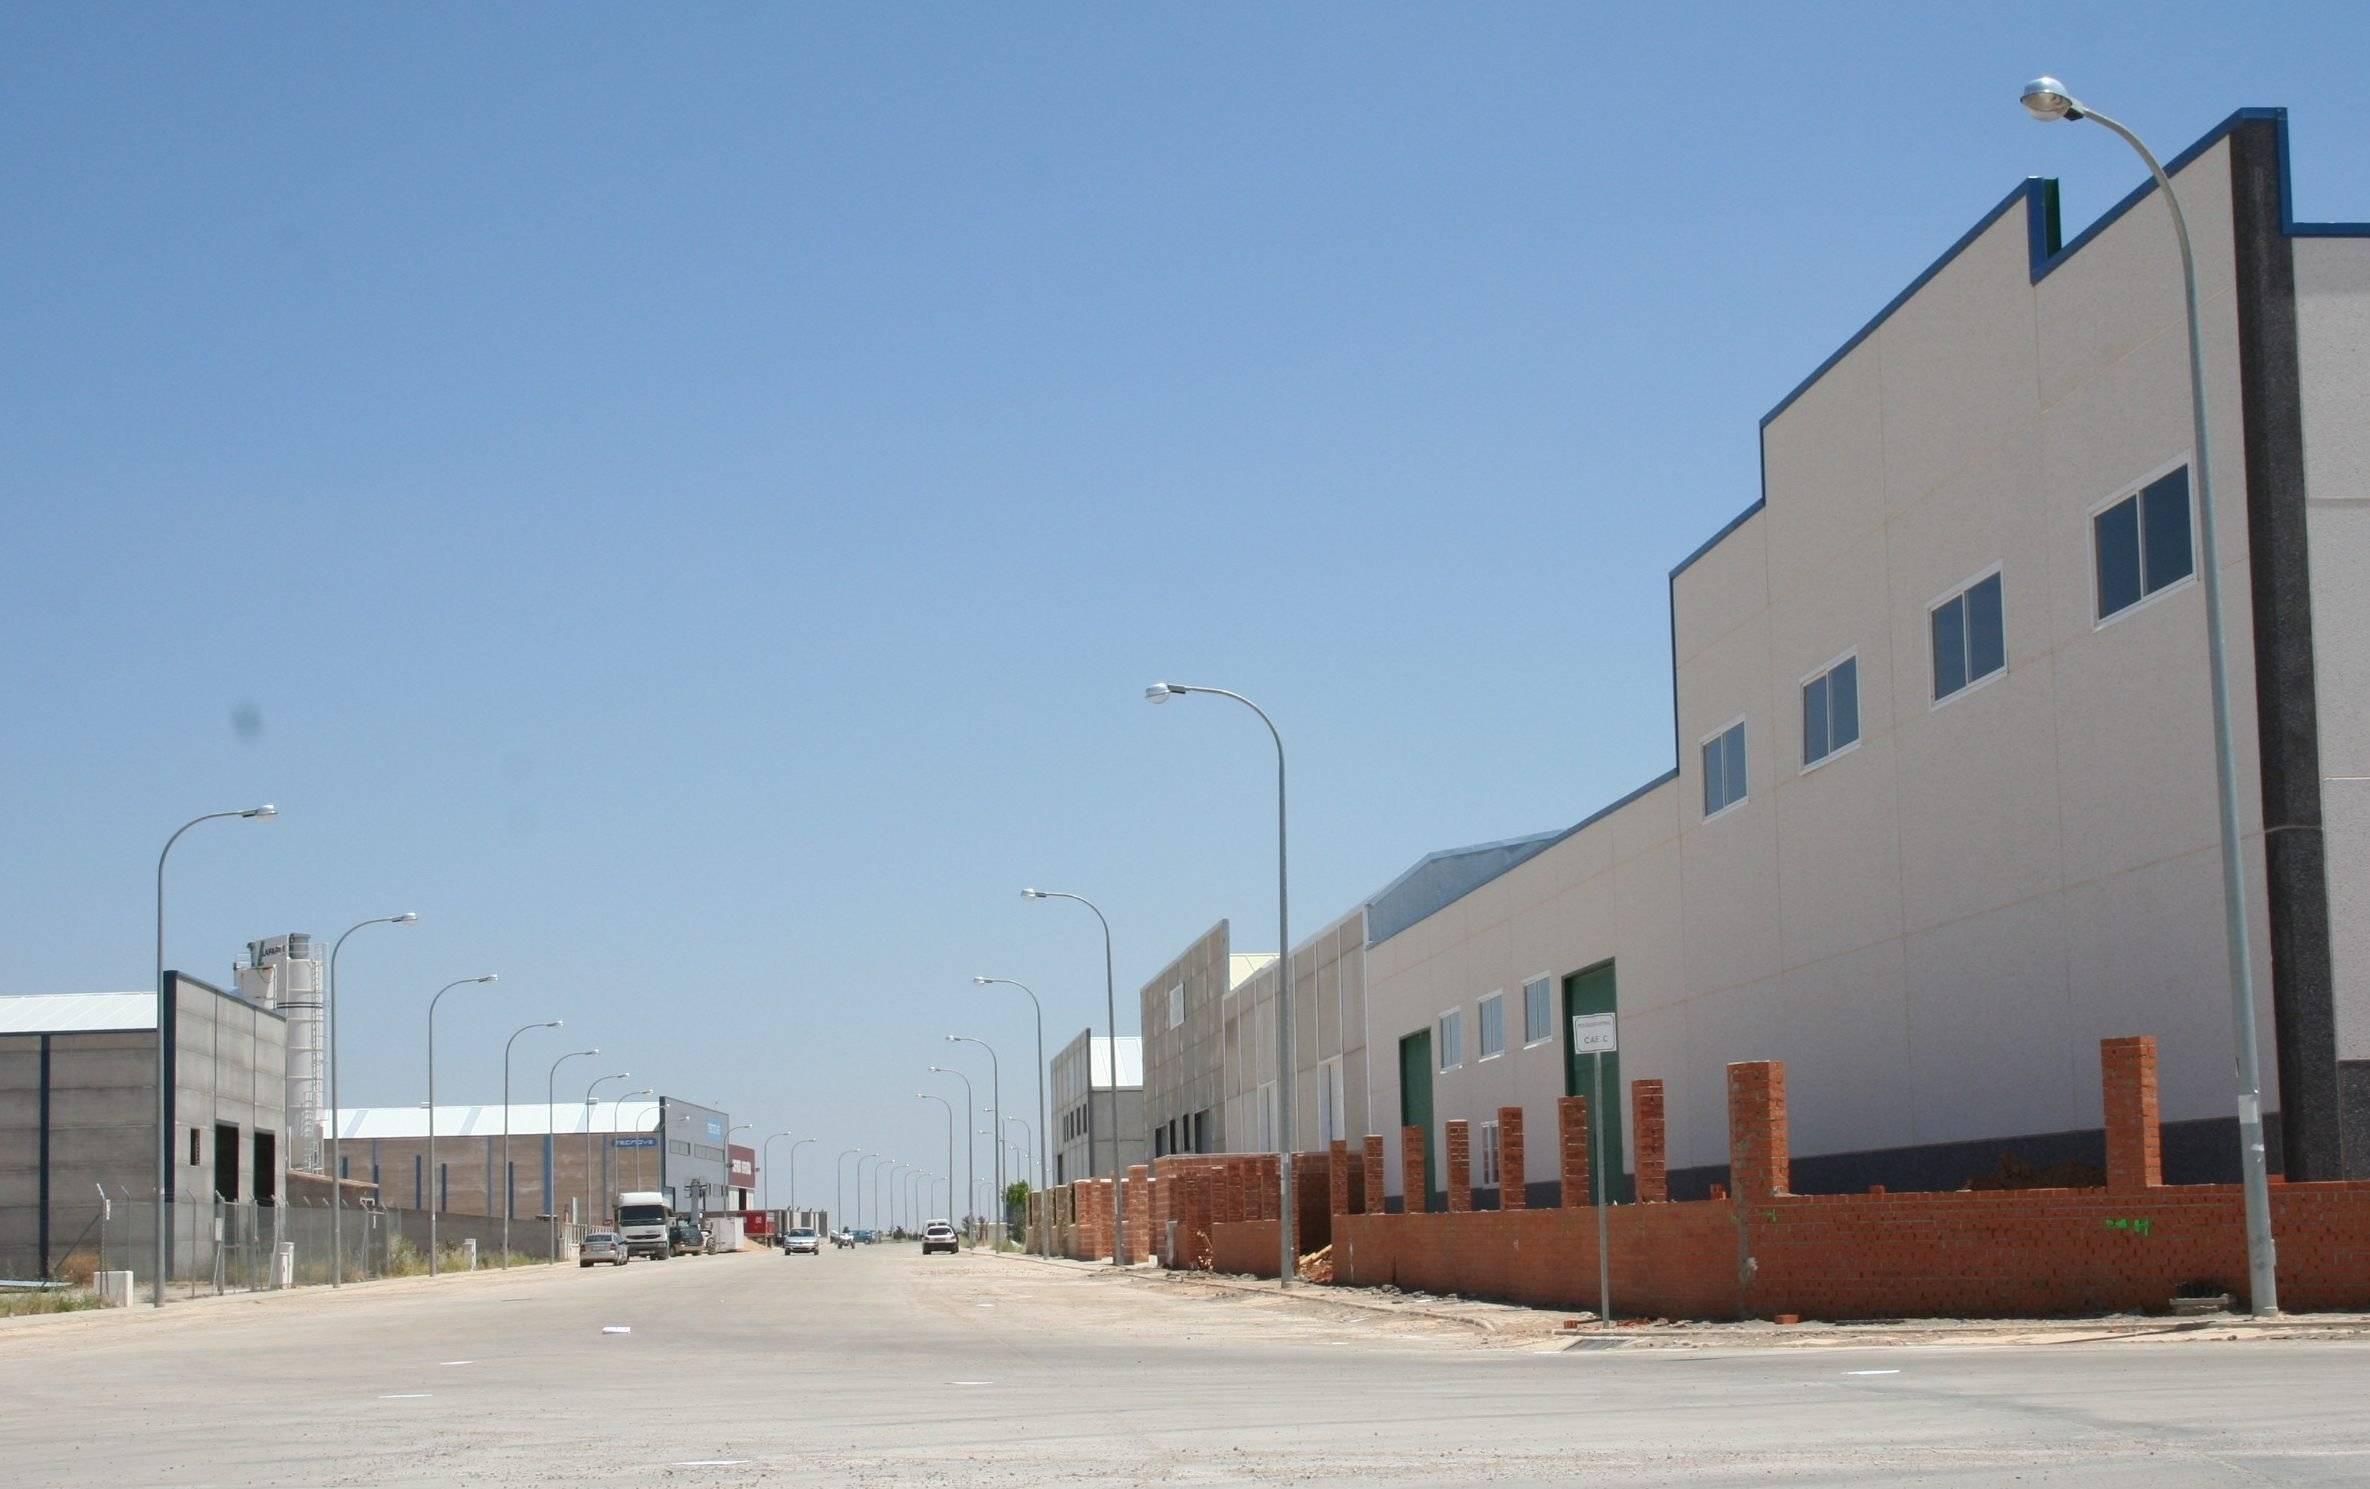 herencia poligono industrial - Avanza la ampliación del Polígono Industrial de Herencia